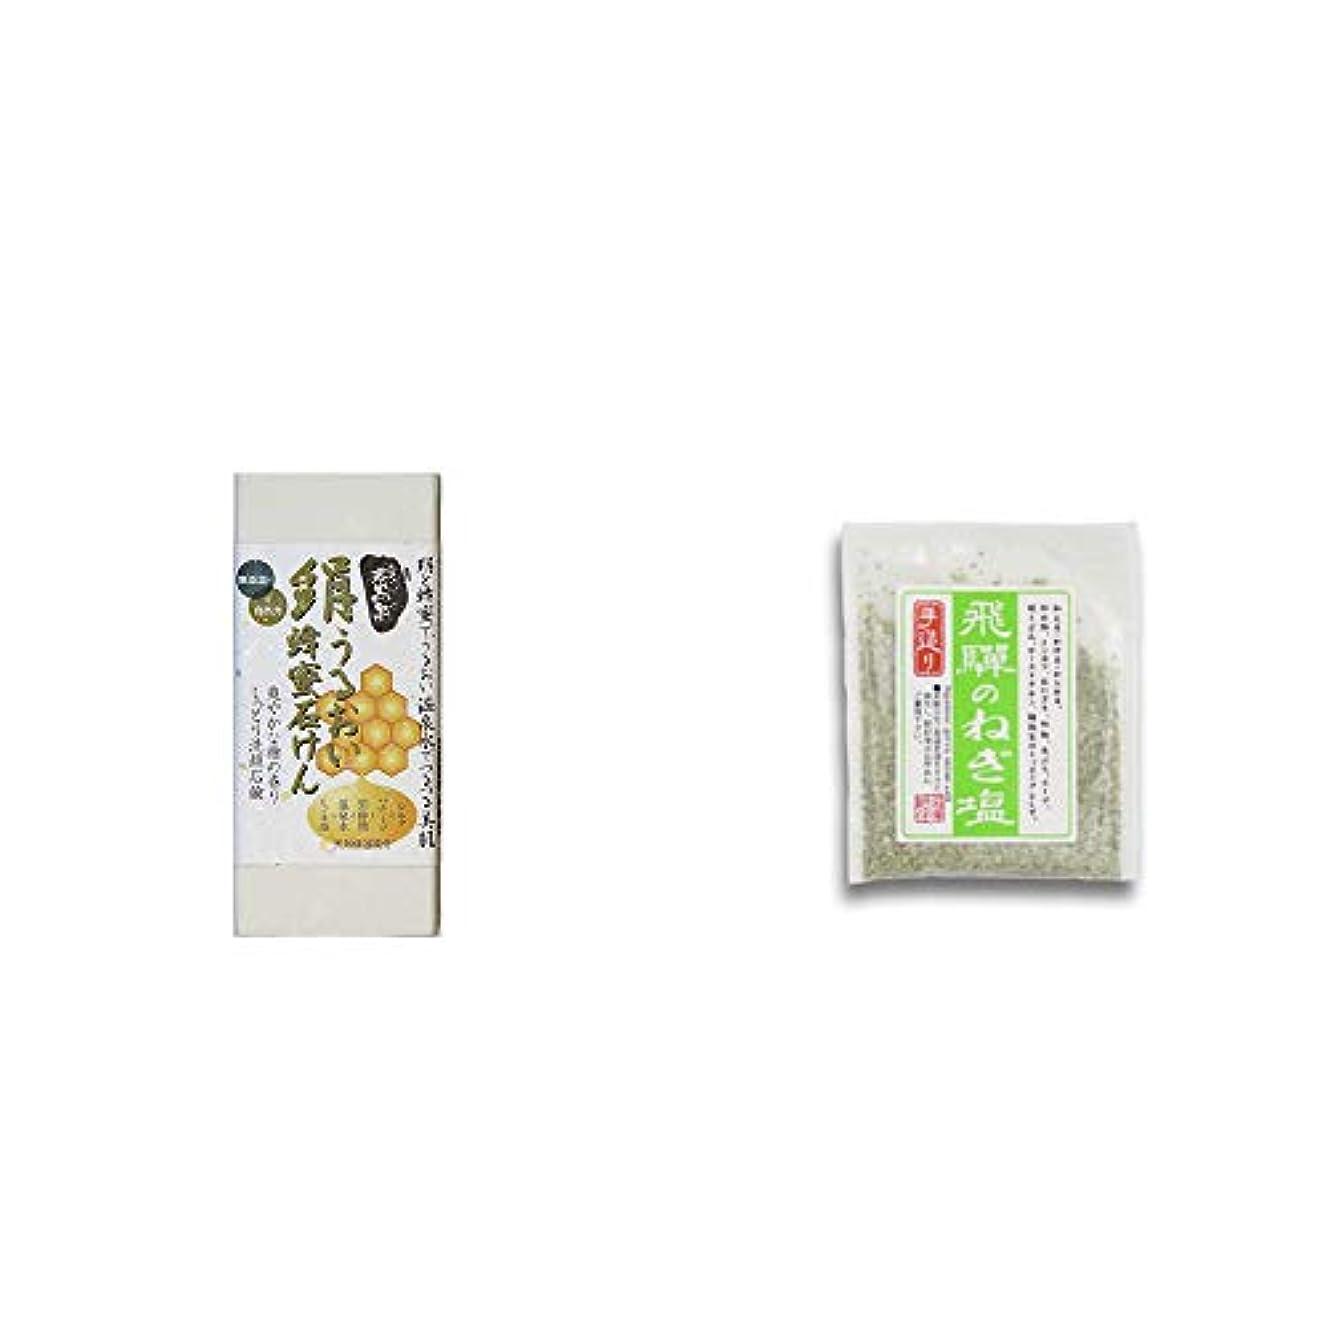 [2点セット] ひのき炭黒泉 絹うるおい蜂蜜石けん(75g×2)?手造り 飛騨のねぎ塩(40g)